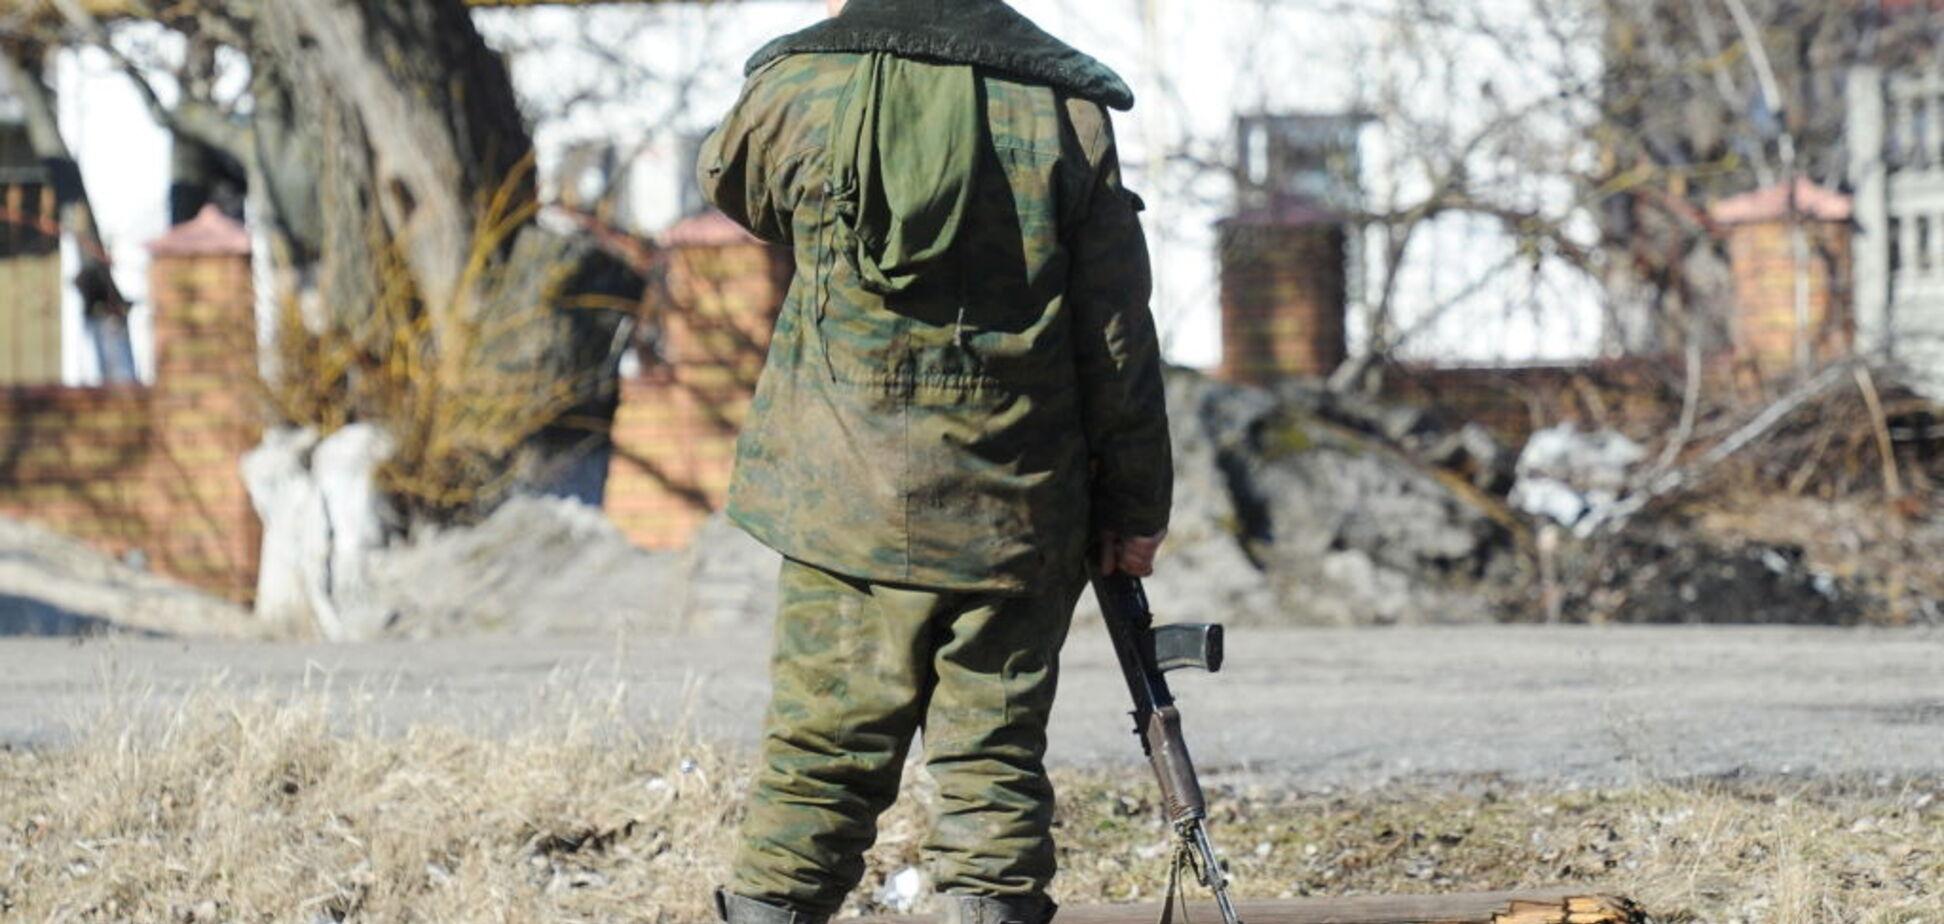 Зганьбилися перед Путіним: терористи 'Л/ДНР' показали військову неміч